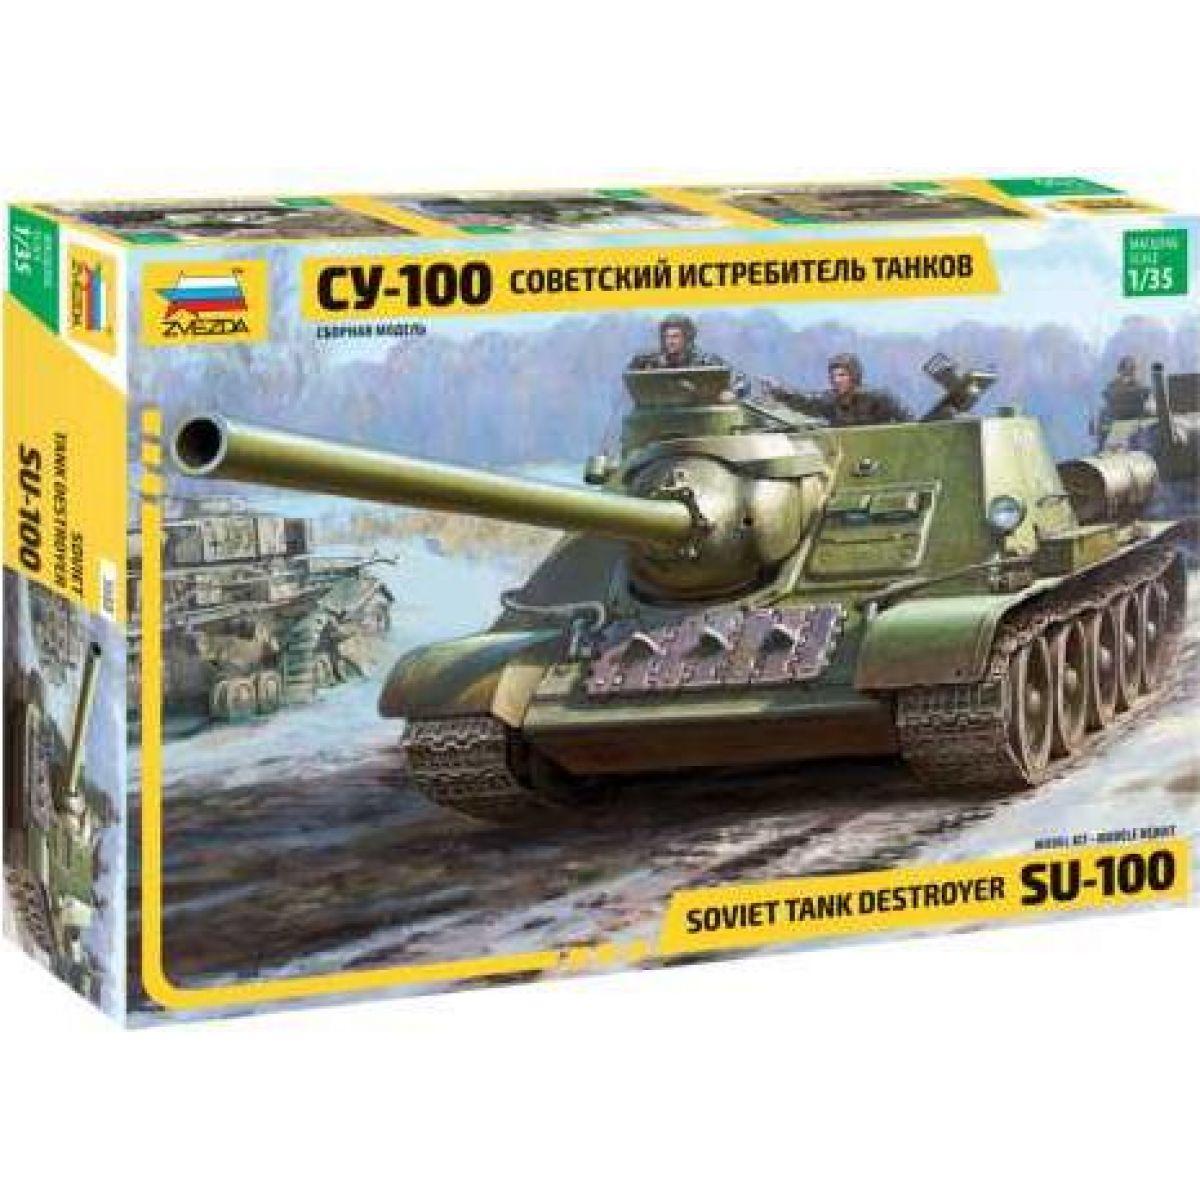 Zvezda Model Kit tank Soviet S.P.Gun SU-100 new molds 1:35